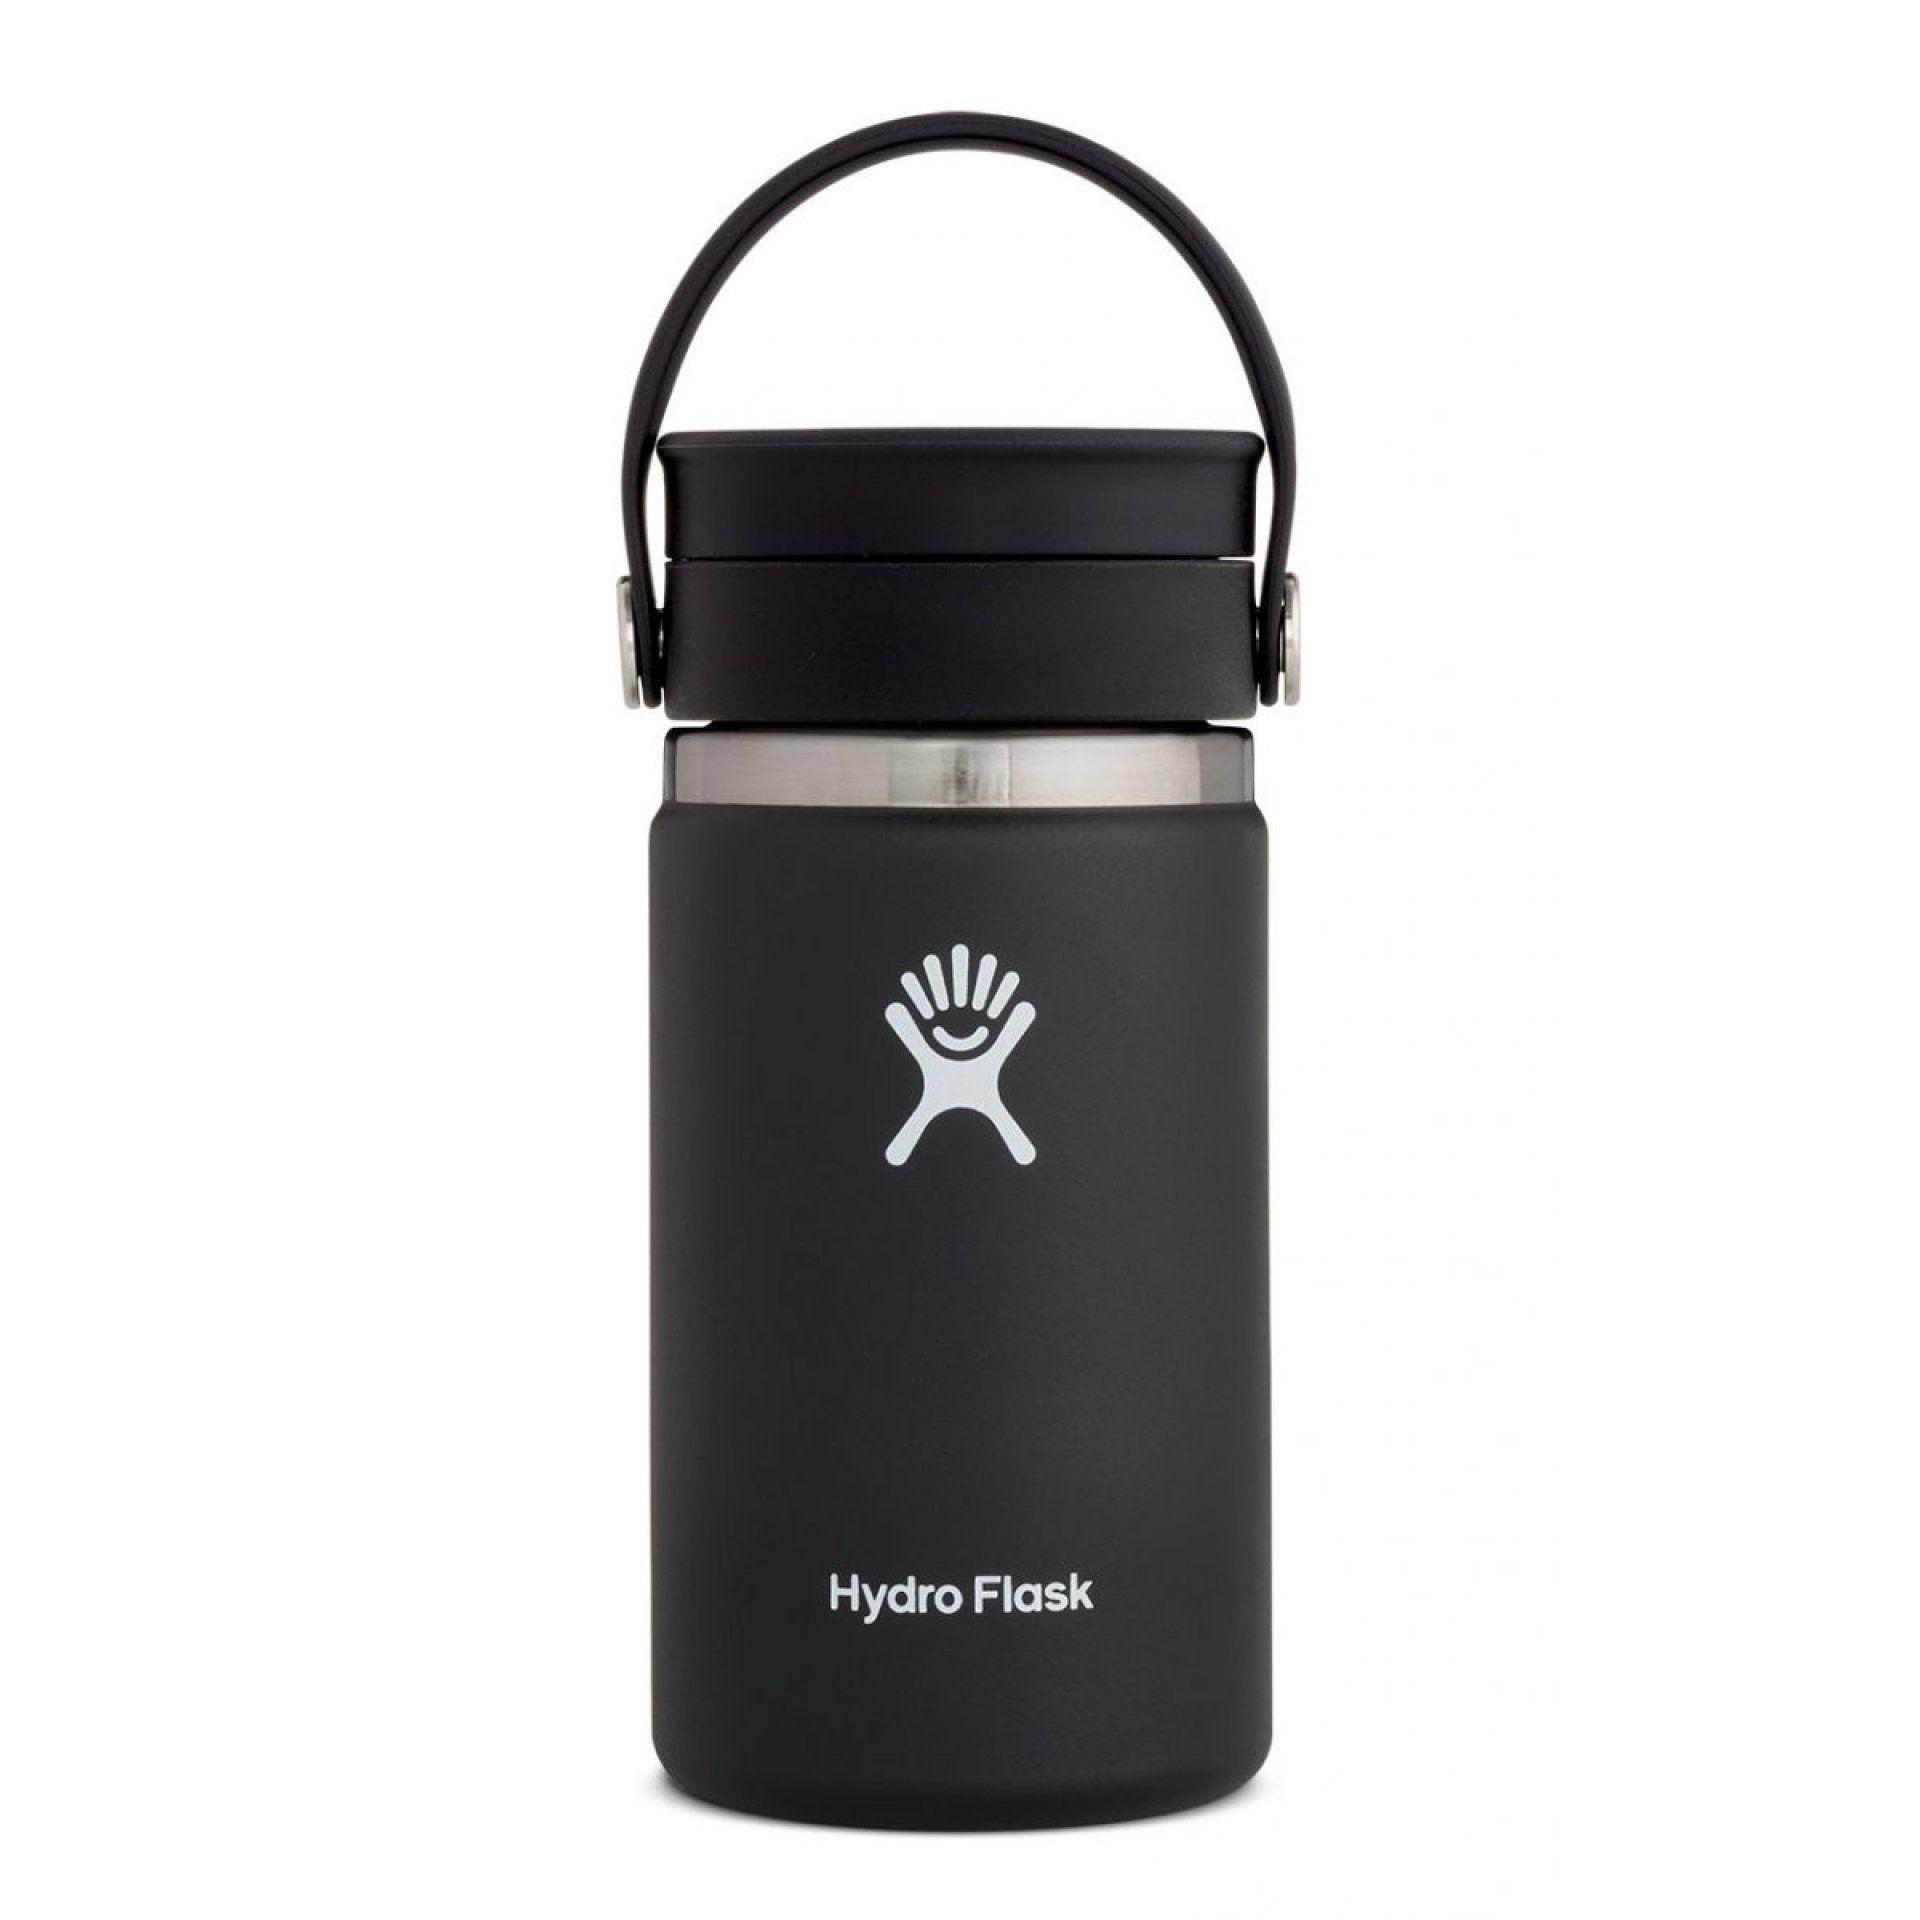 KUBEK TERMICZNY HYDRO FLASK 12 OZ COFFEE WITH FLEX SIP LID BLACK